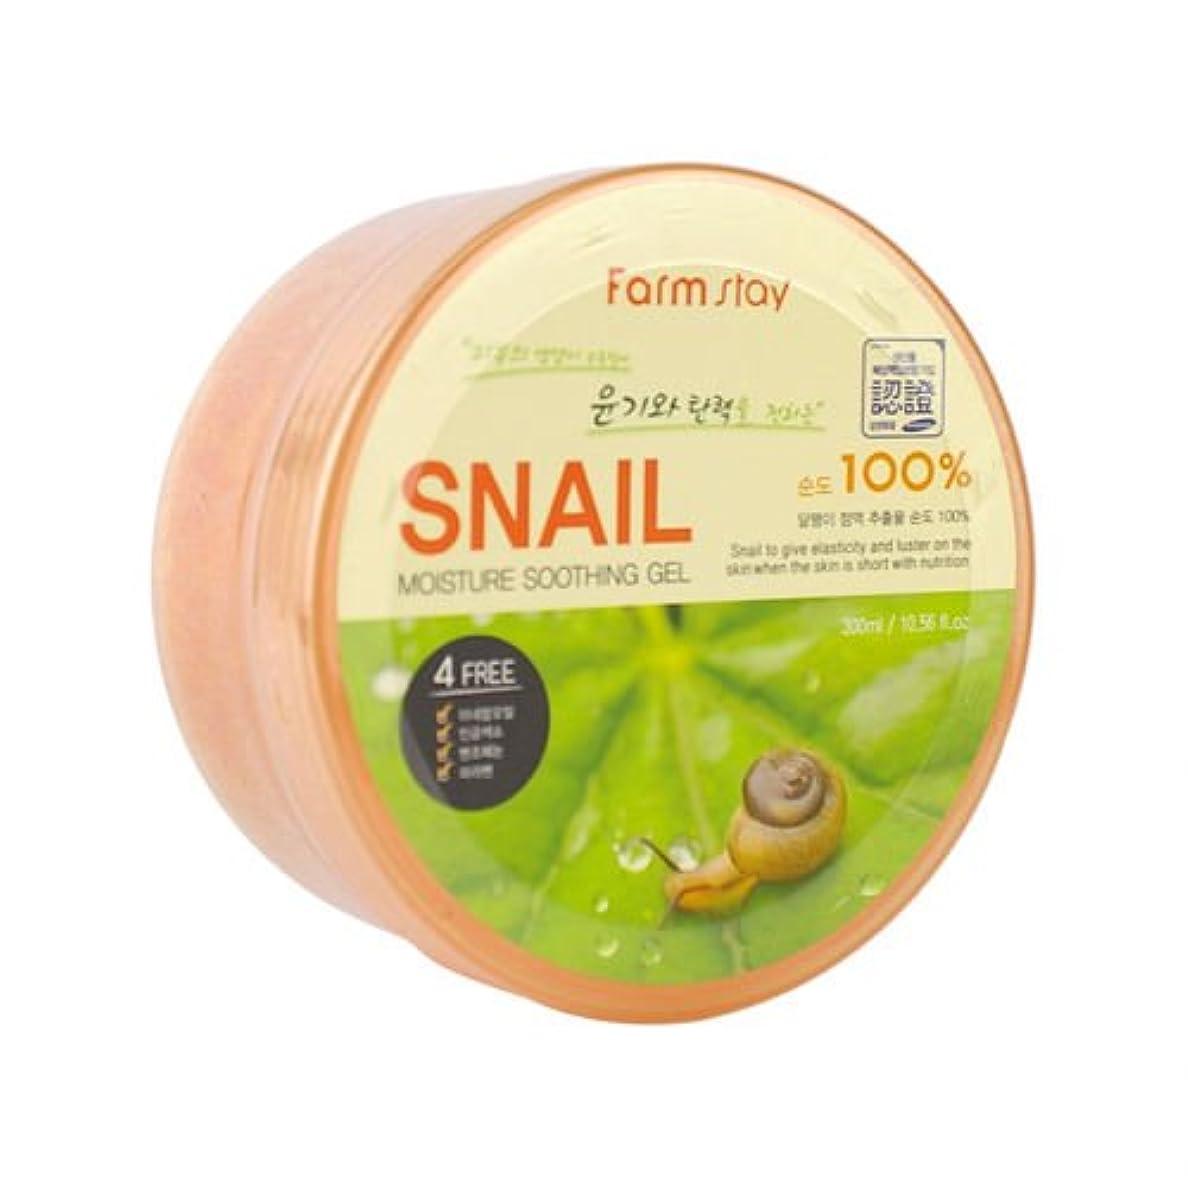 アナニバーホットインポートFarm Stay Snail Moisture Soothing Gel 300ml /Snail extract 100%/Skin Glowing & Elasticity Up [並行輸入品]